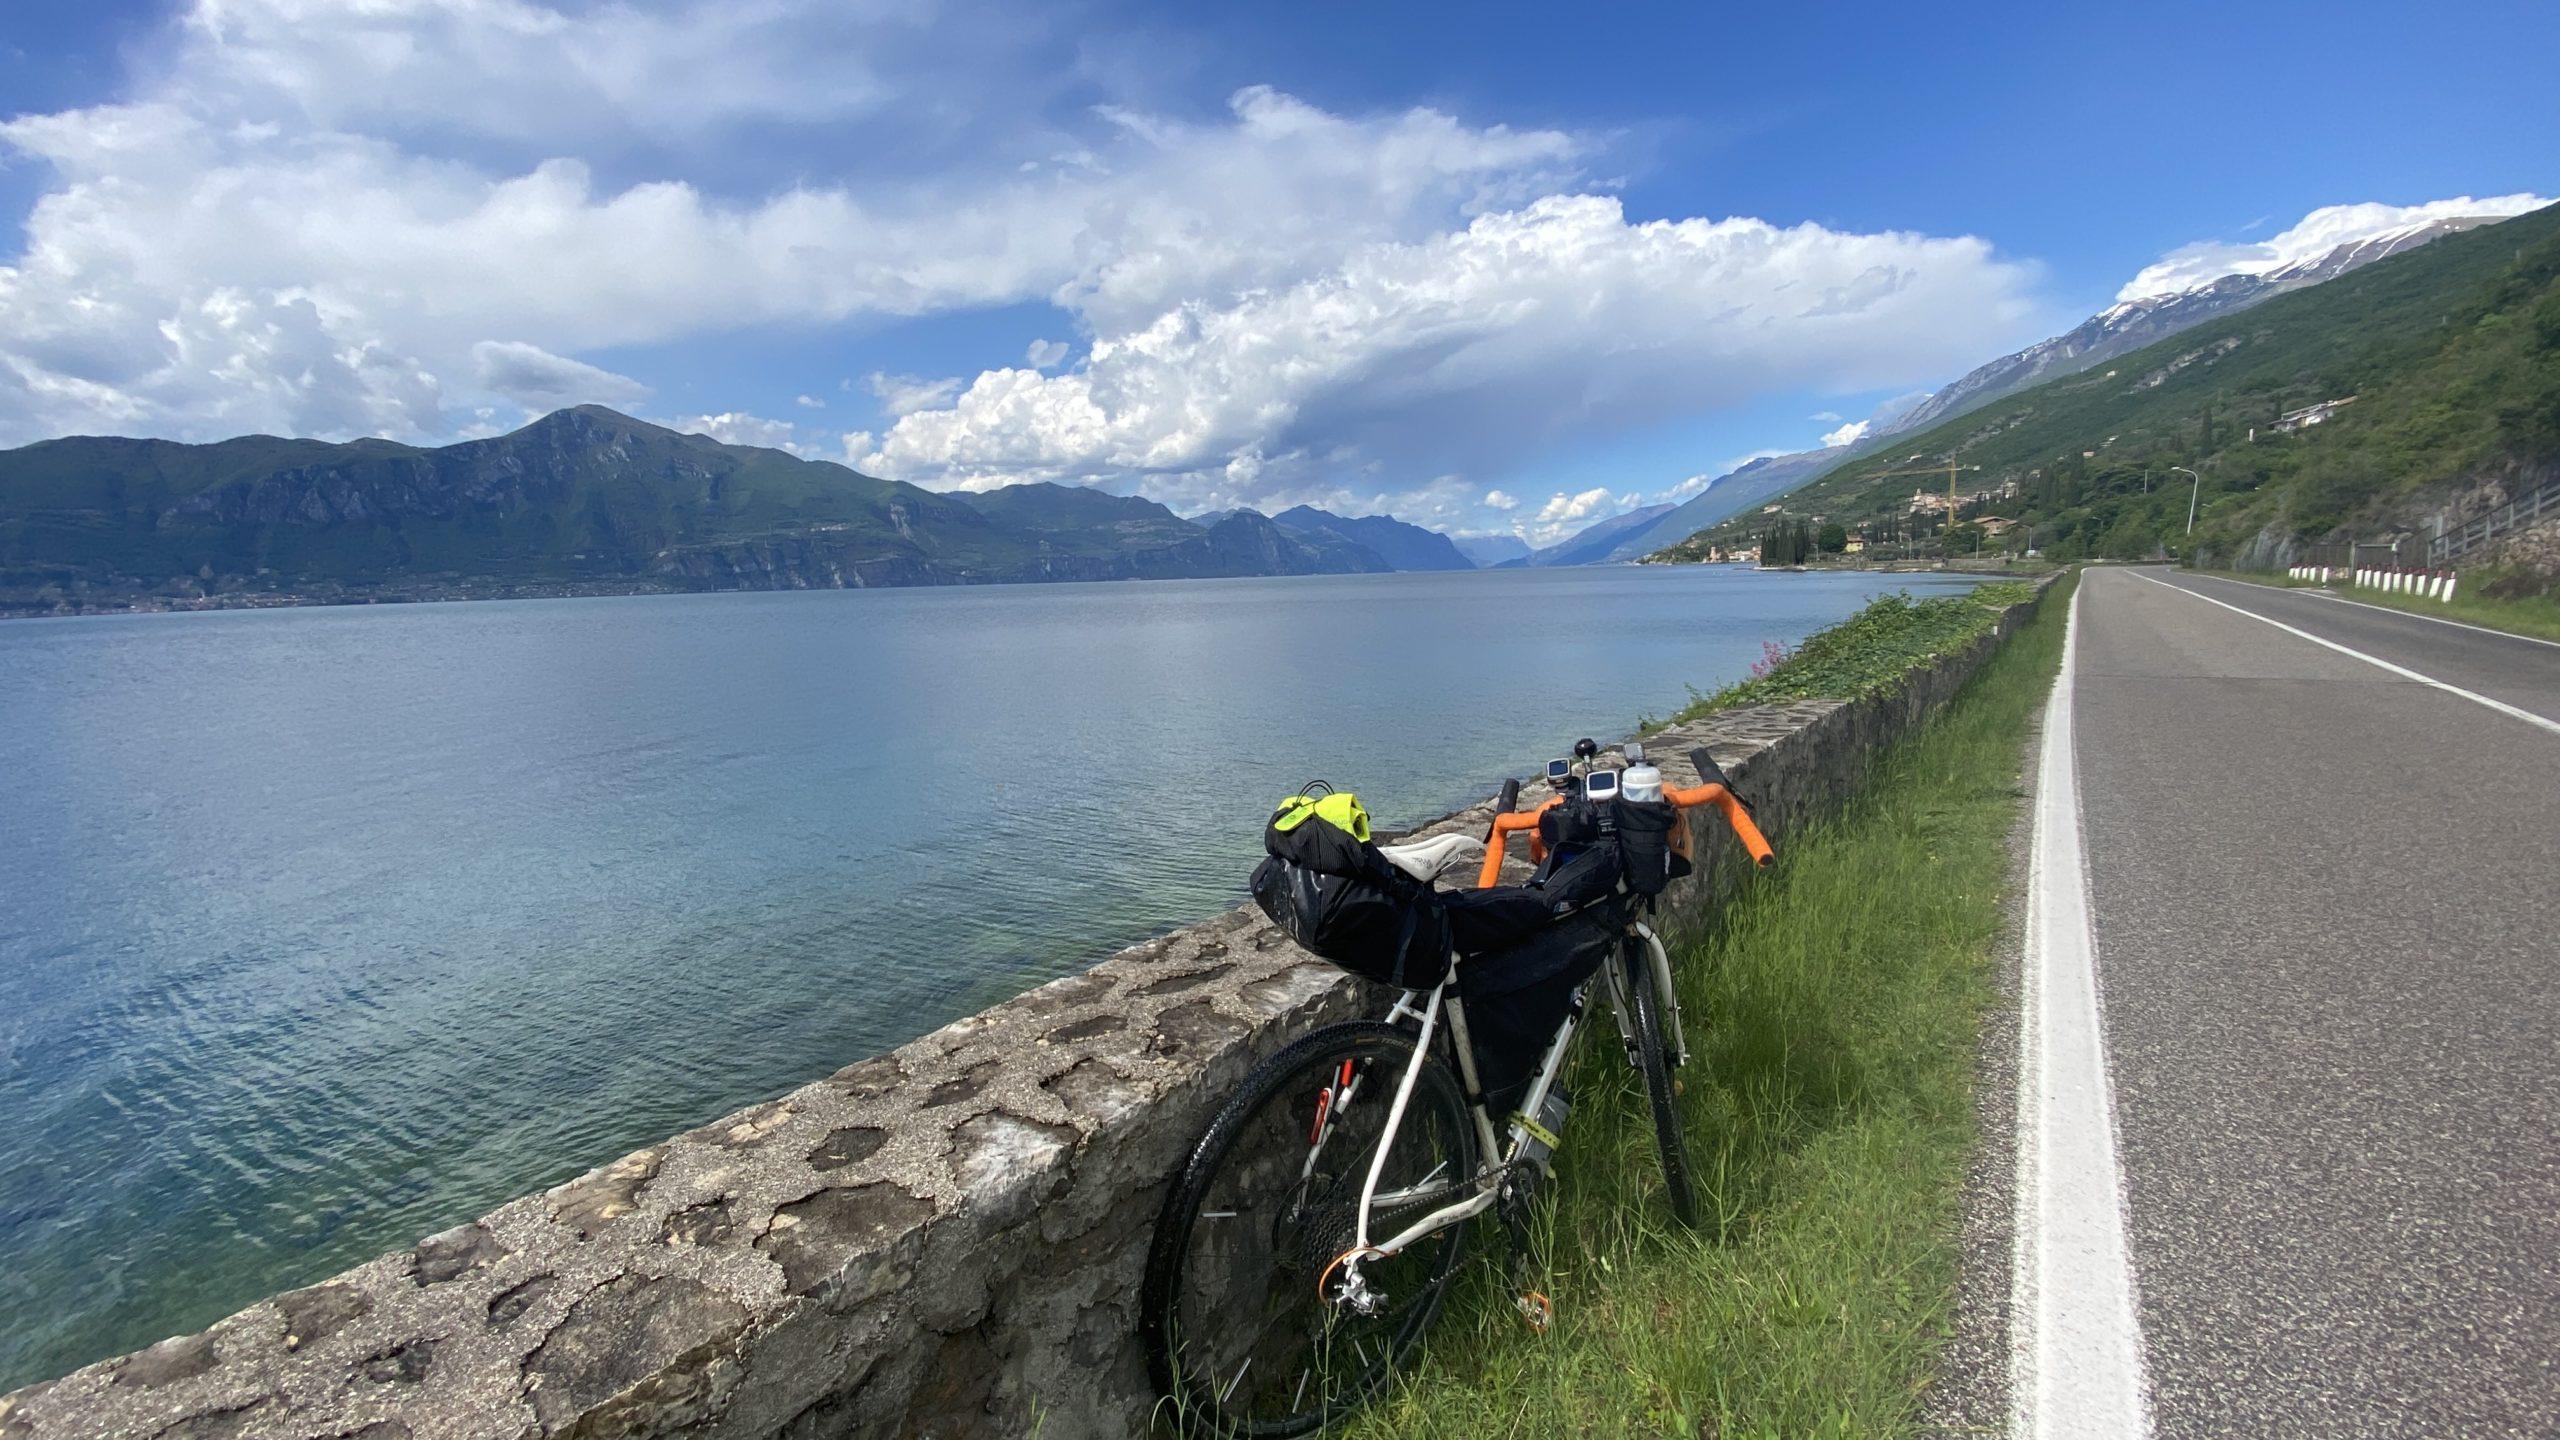 ciclovia del garda, viaggiatore lento, viaggiare in bici, verona in bicicletta, ciclabile dell'adige, ciclovia del sole, eurovelo 7, lago di garda in bici, viaggiare in bicicletta, vacanze in bicicletta, bikepacking, trentino in bici, il veneto,